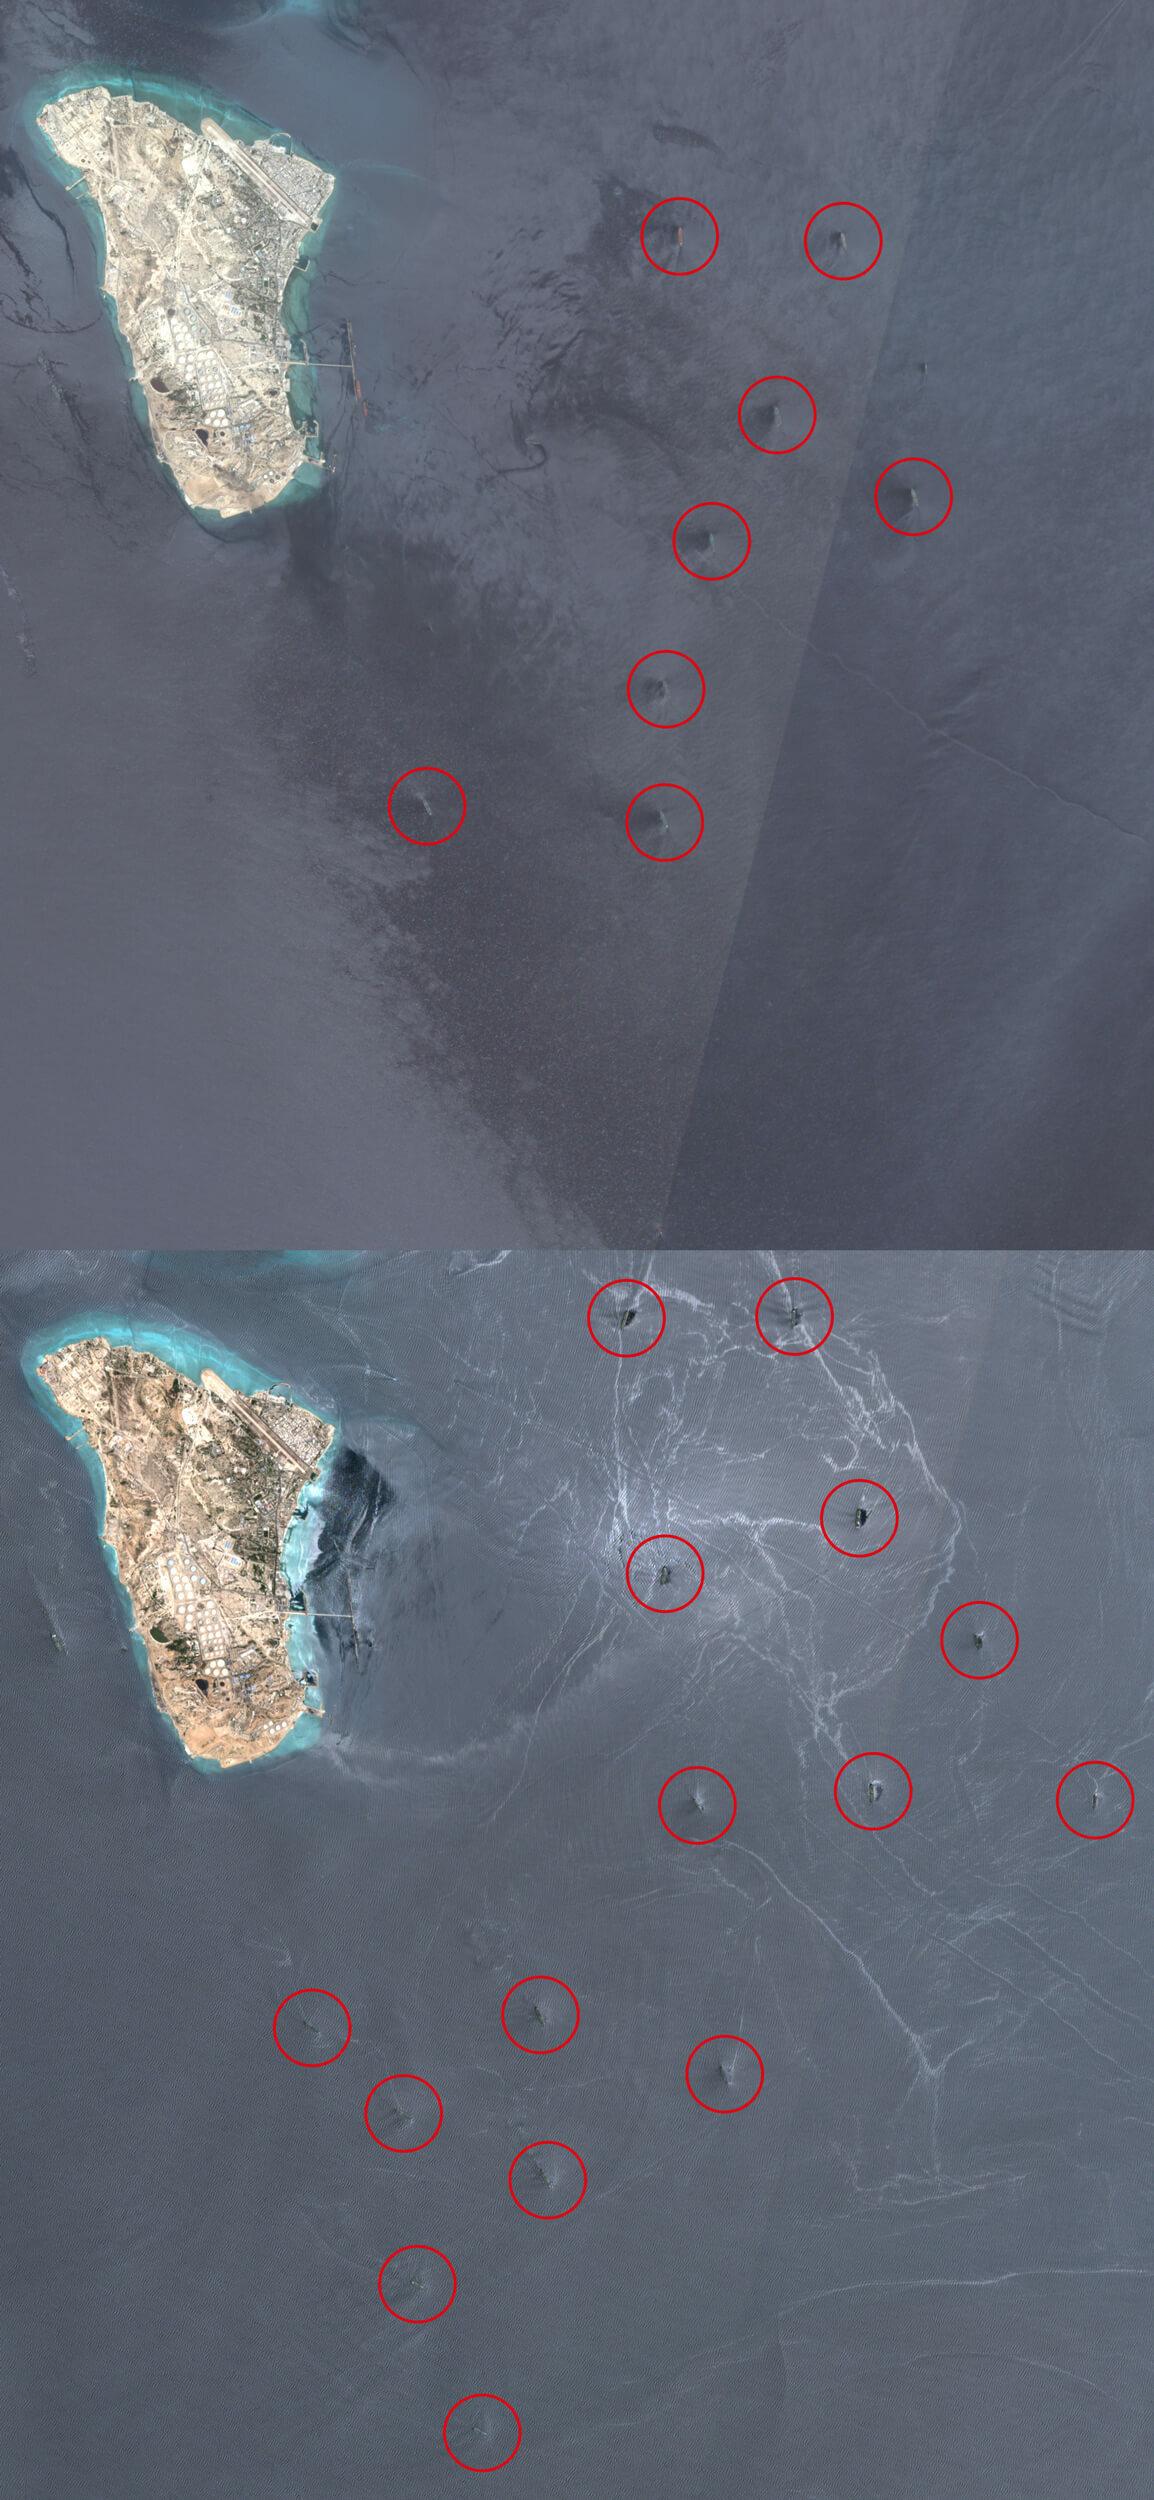 Am 16. August 2016 zeigten Satellitenaufnahmen in den Gewässern nur acht Tanker. Am Sonntag waren 16 Tanker zu erkennen.